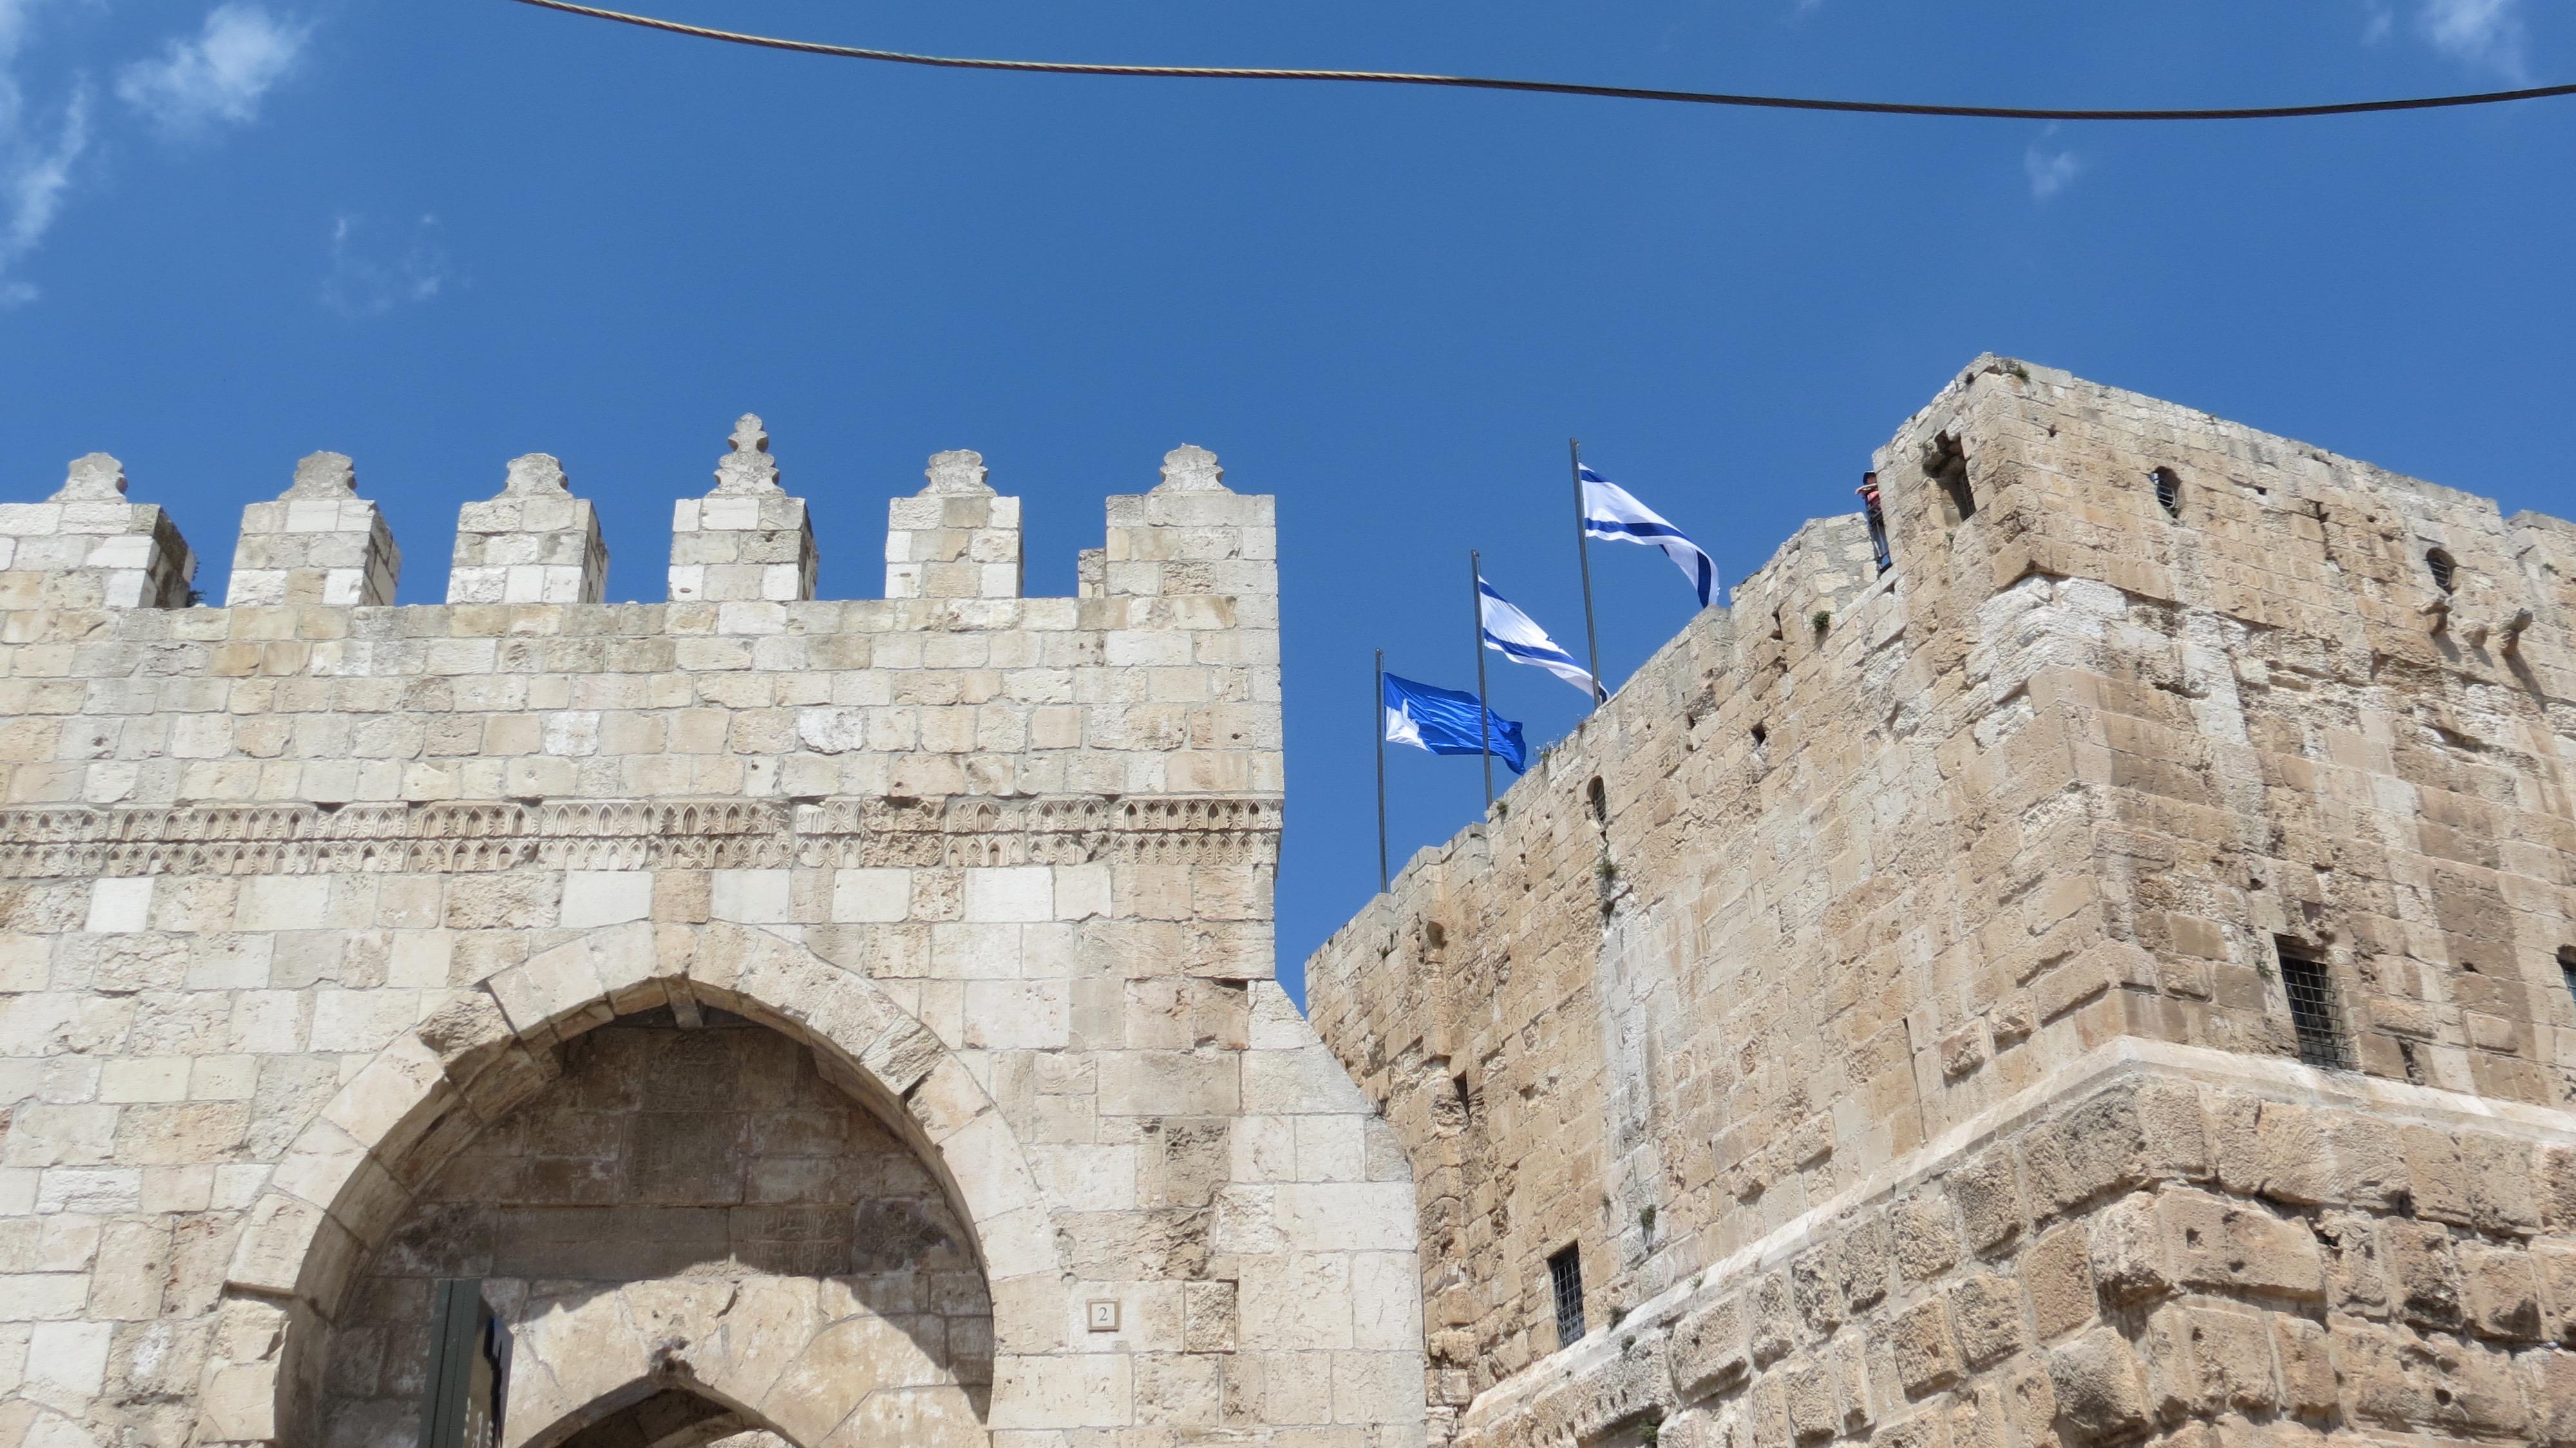 Tower of David Flag and Israeli Flag